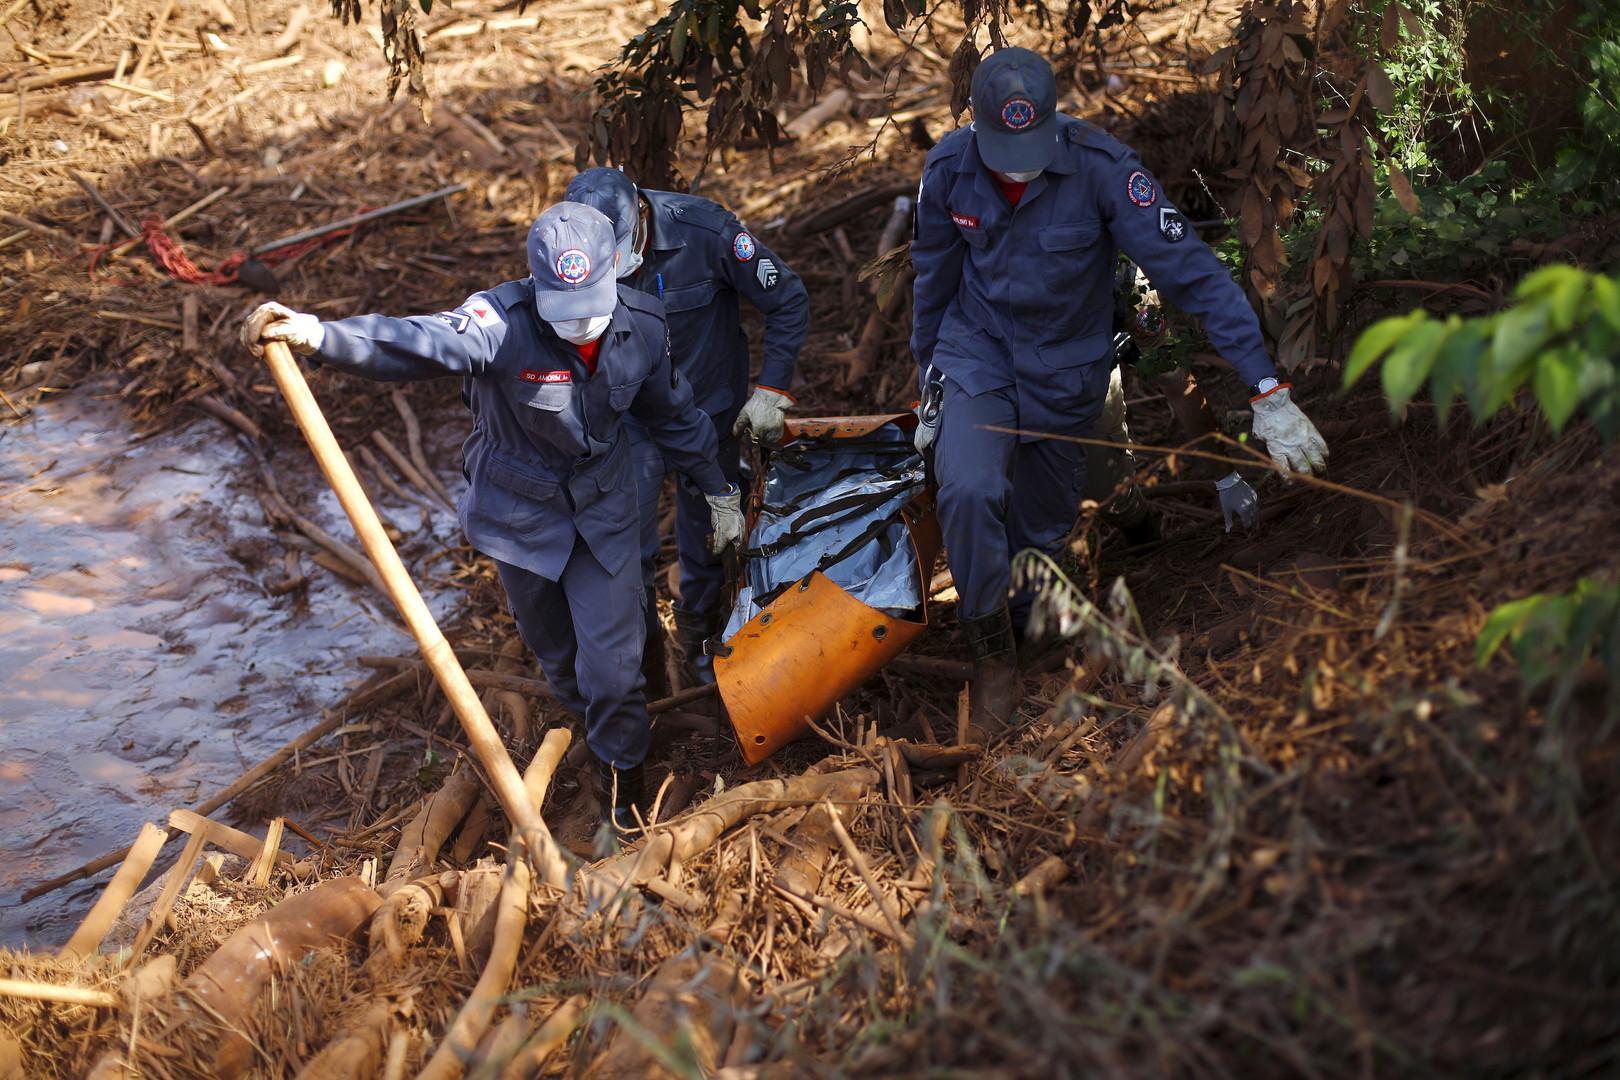 Rettungsmannschaften bergen nach dem Dammbruch der Eisenerzmine einen Toten